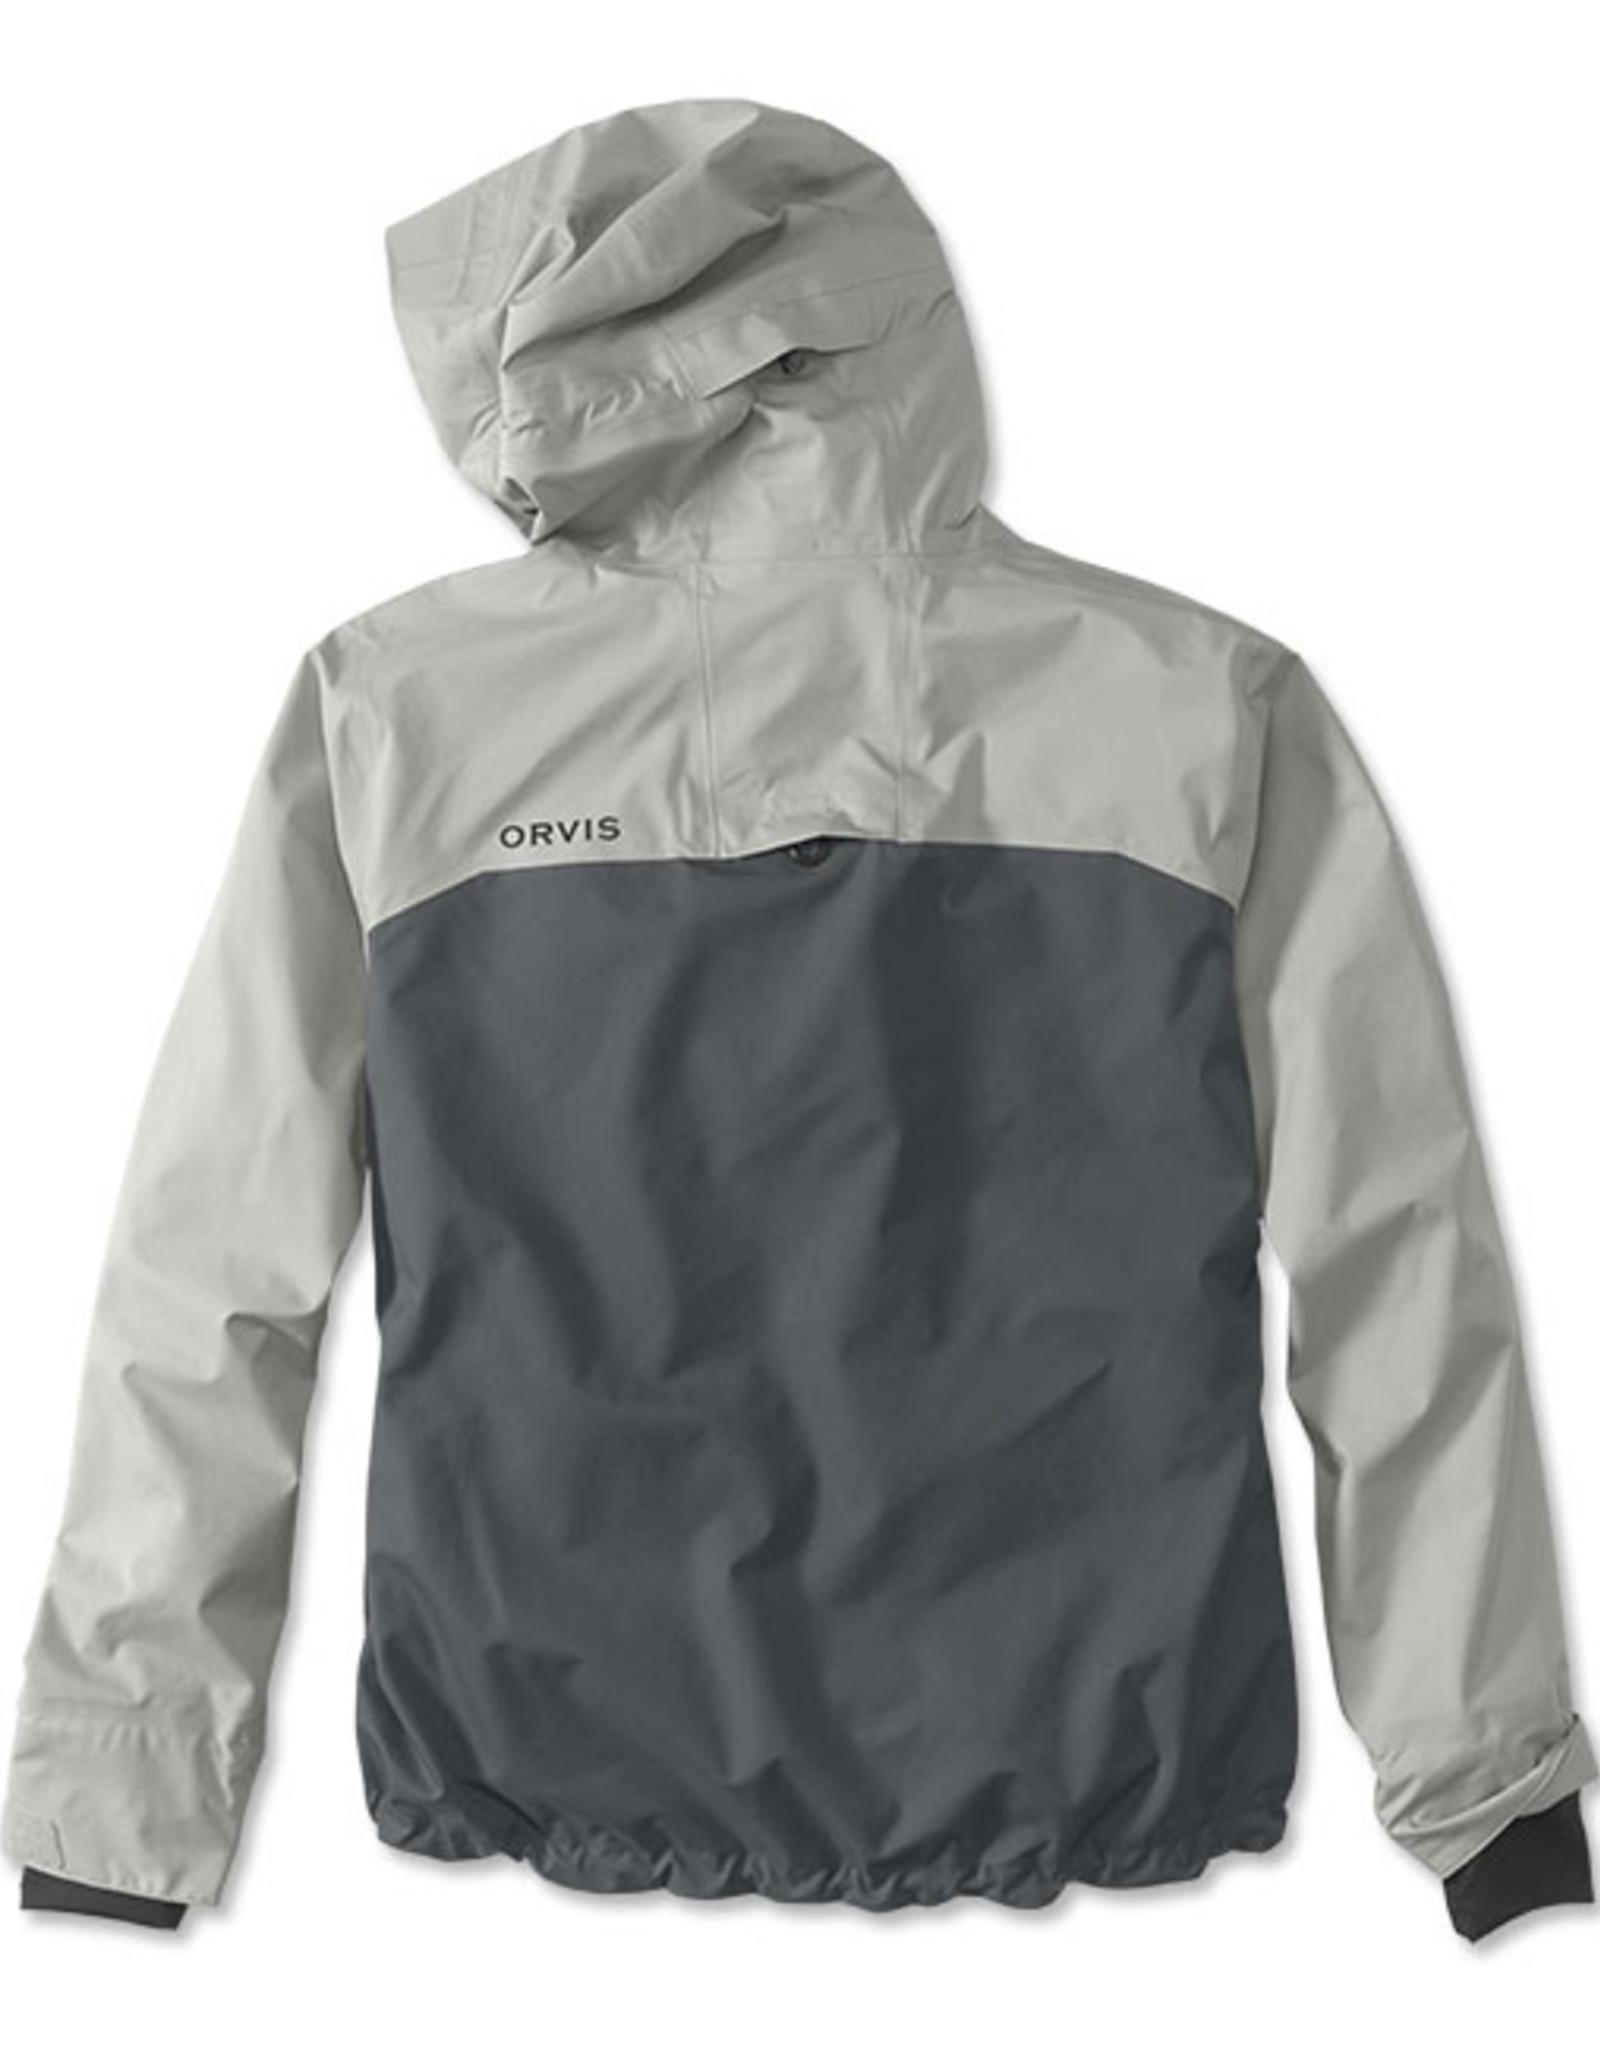 Orvis Men's Lightweight Wading Jacket